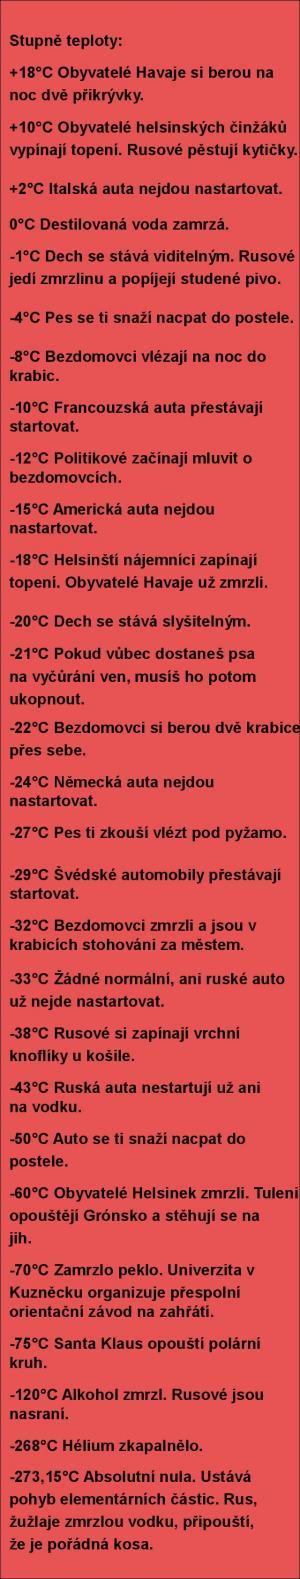 Stupně teploty